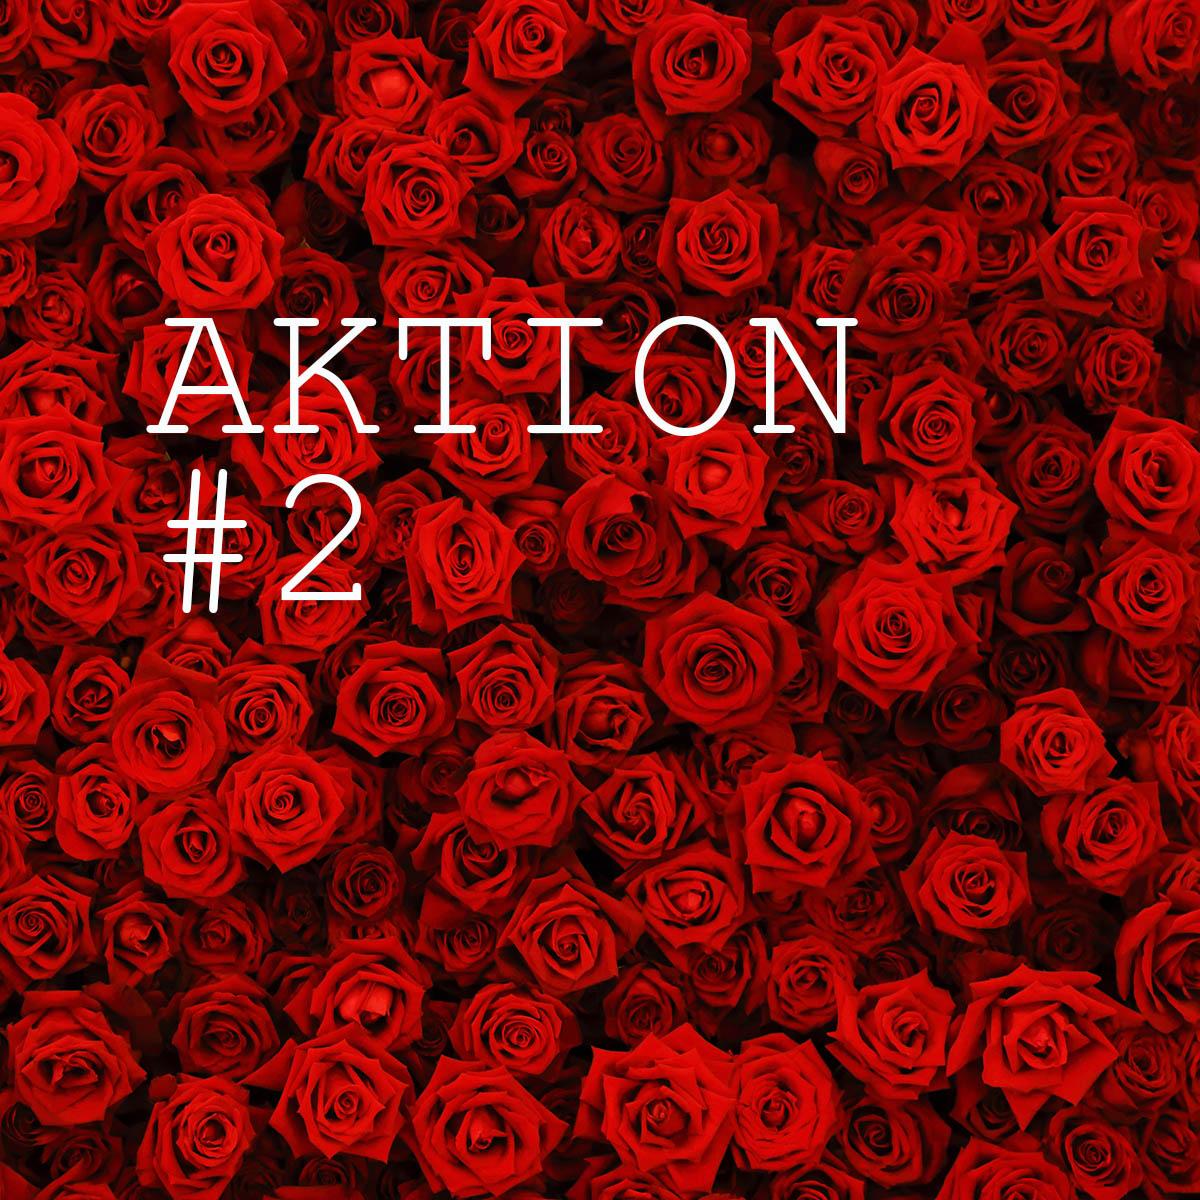 designersgroup - Aktion